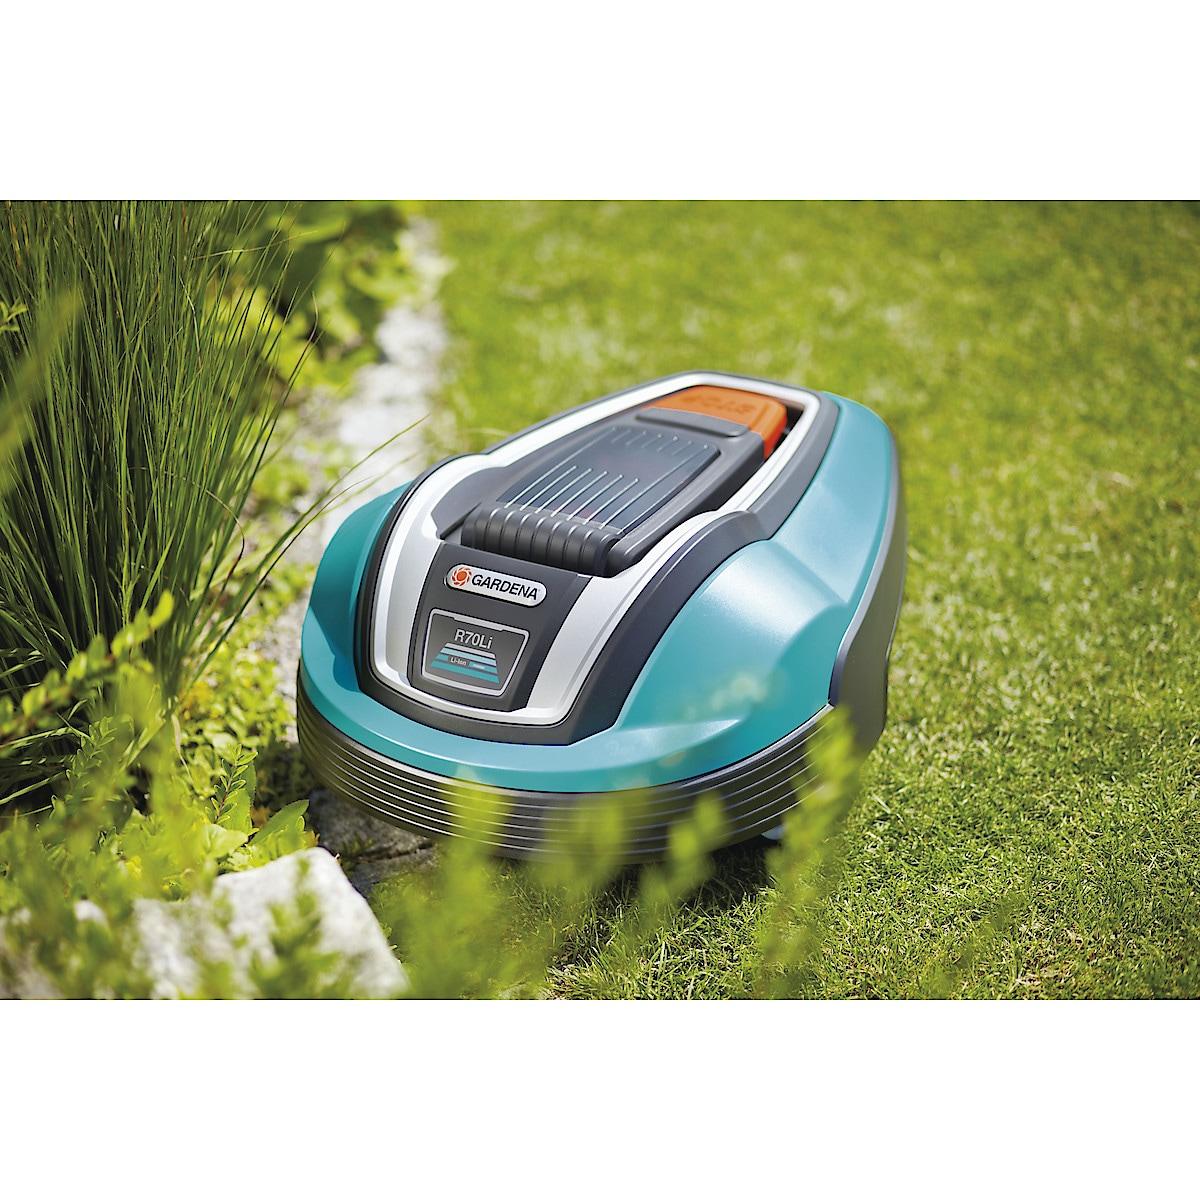 Robotgräsklippare Gardena R70Li